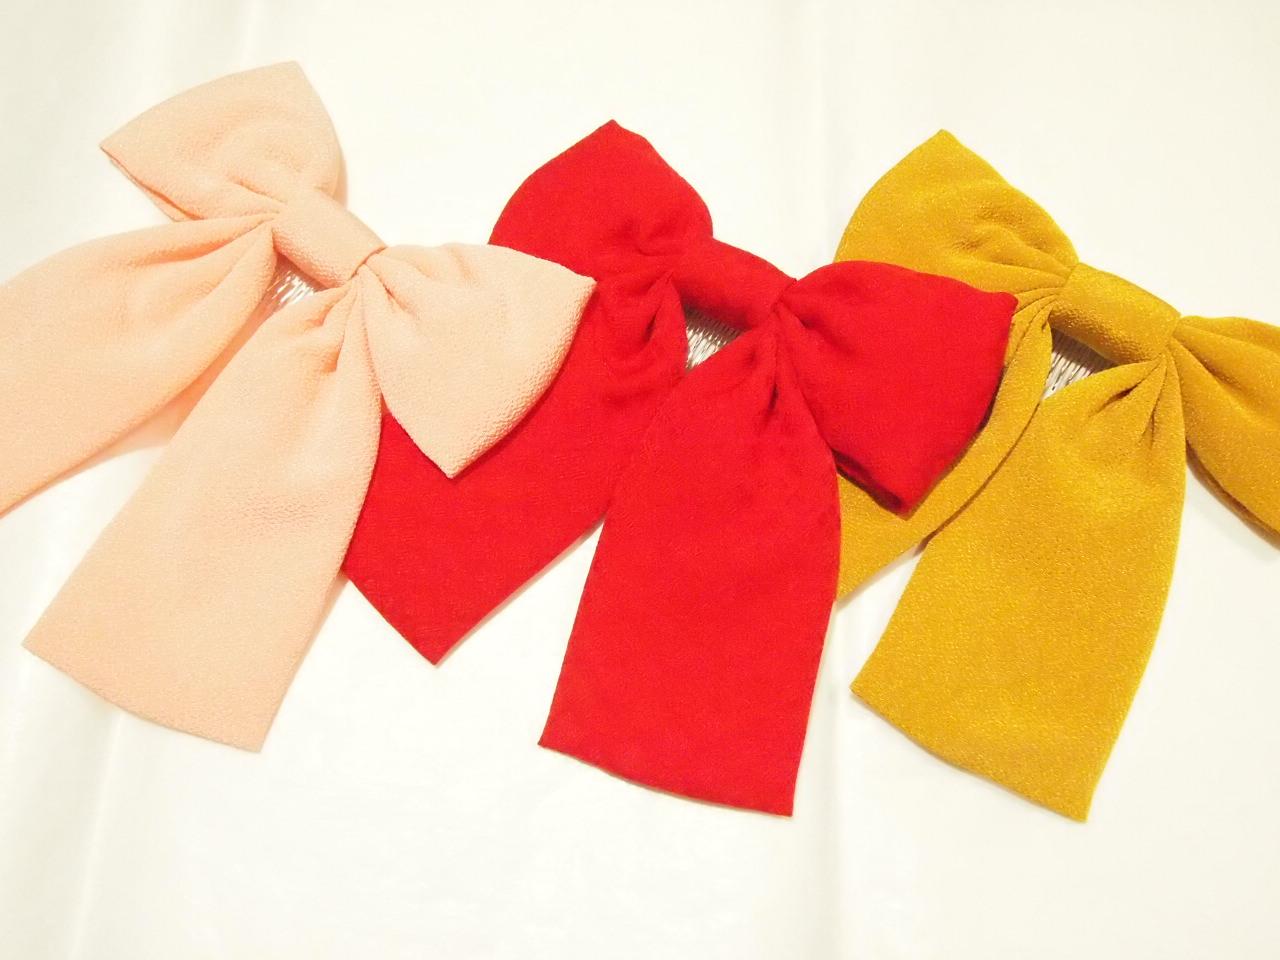 和服に合う!かわいい「リボンの髪飾り」たくさんあります!のサムネイル画像